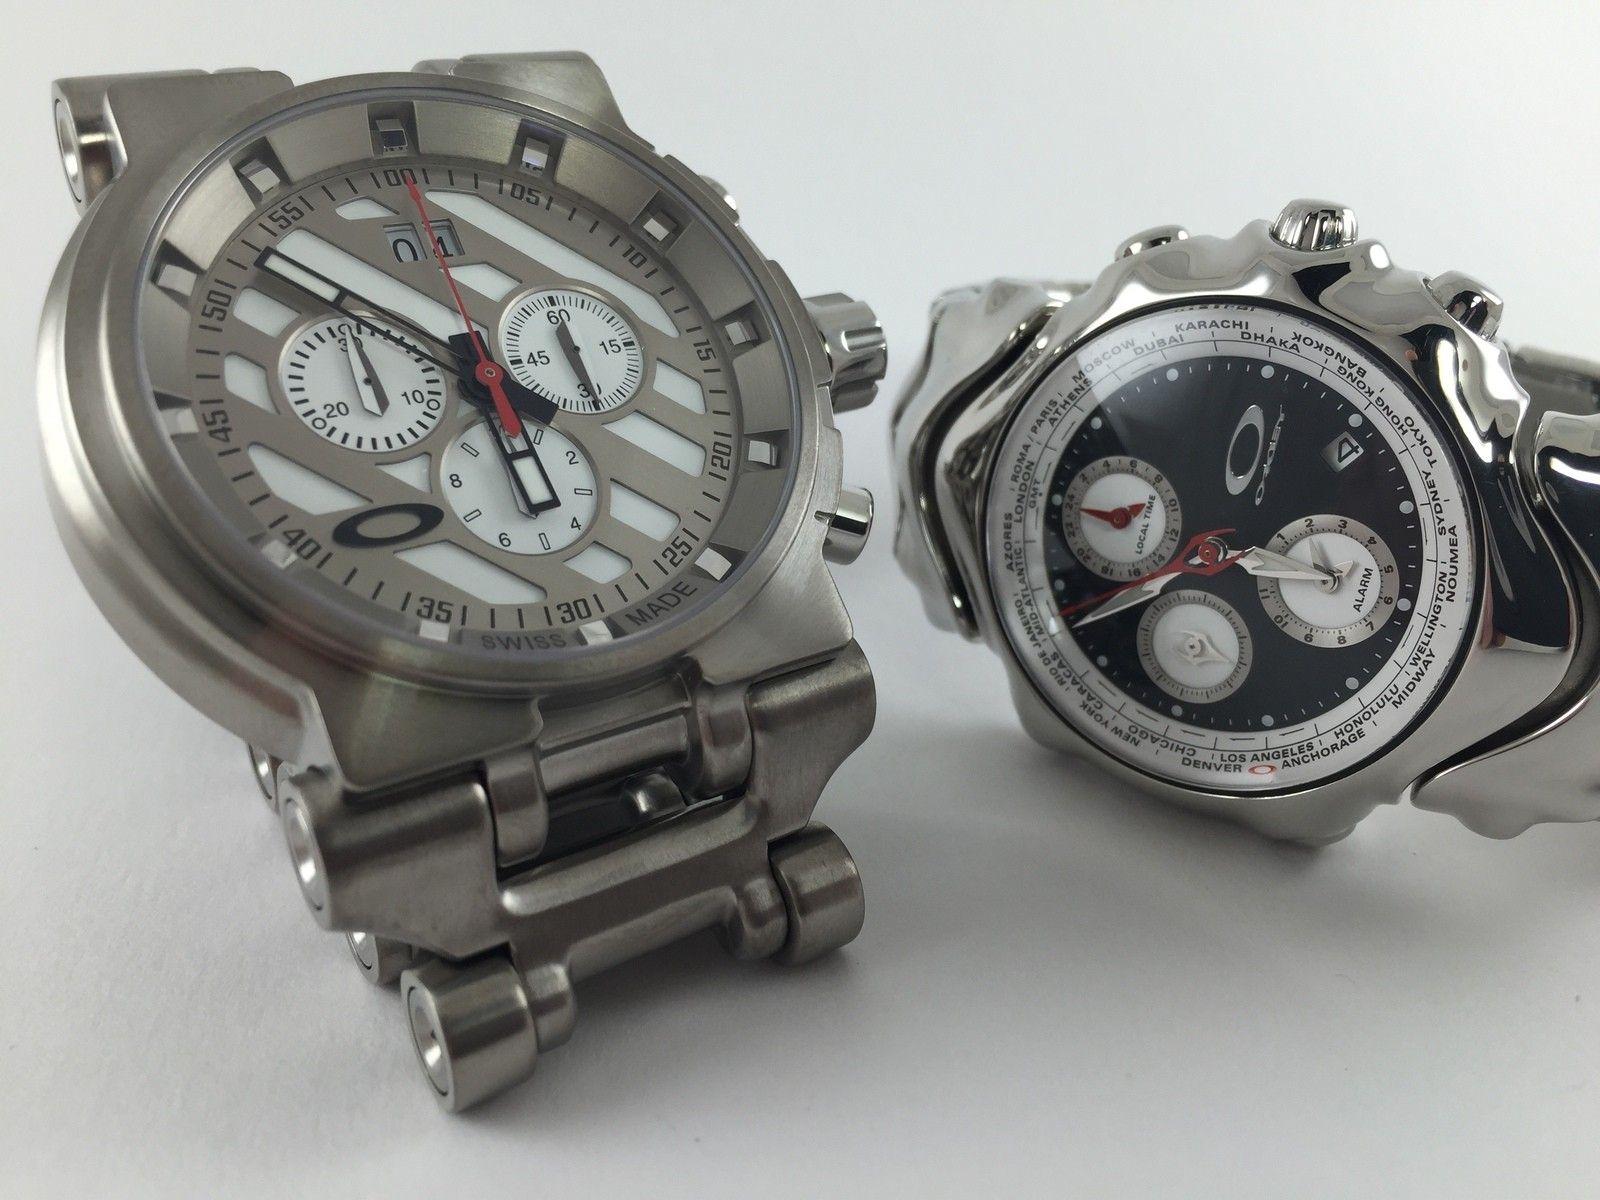 Hollow Point & GMT Watch - 15714405902_9cb641576d_o.jpg